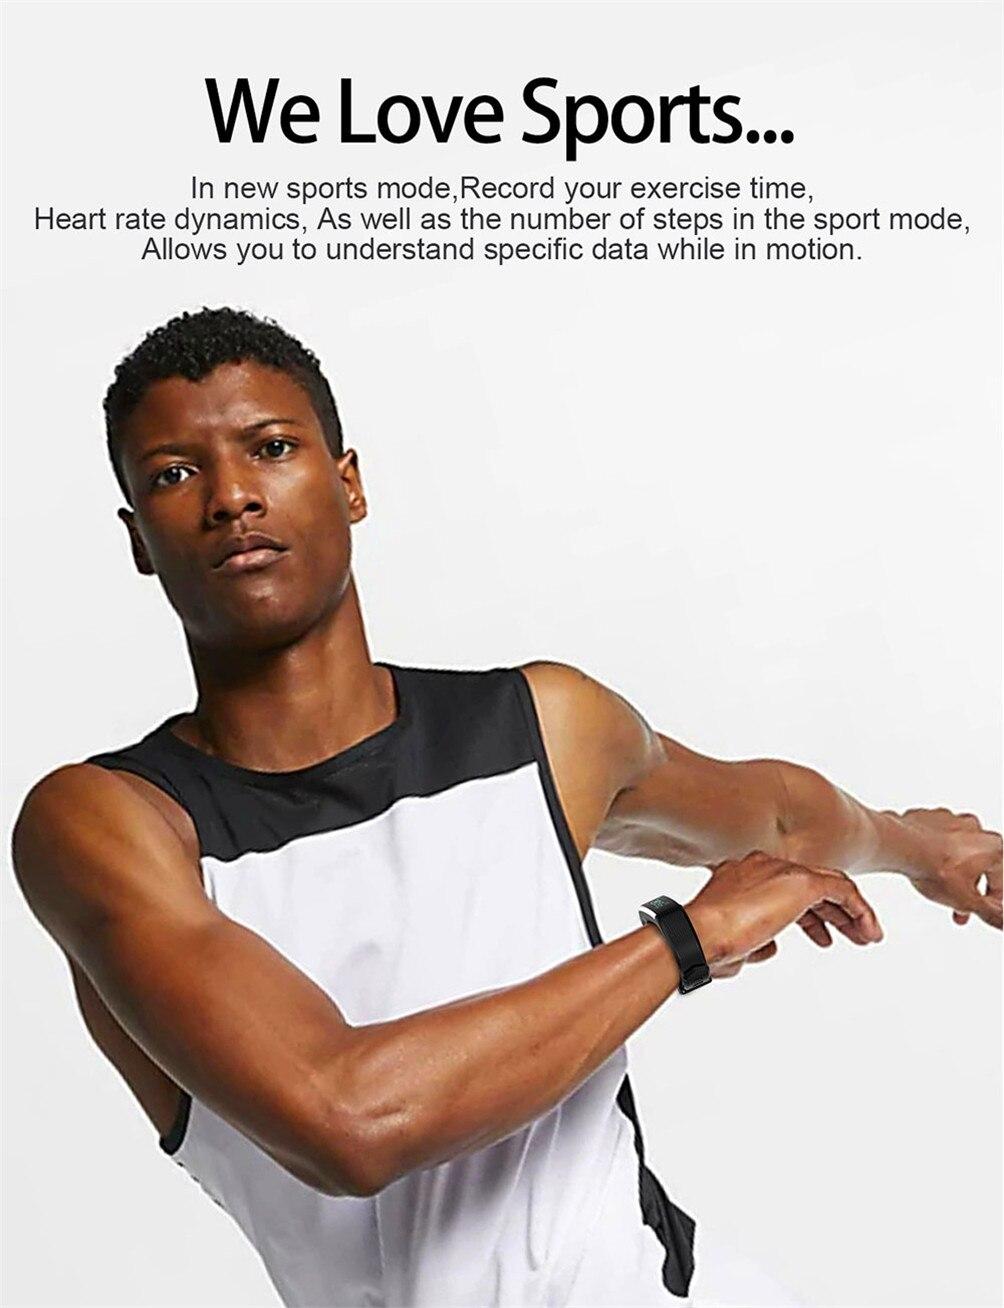 Hff3b0ed81edd445d9145ec0ea0800880Y 2020 Smart Wristband Fitness Bracelet Blood Pressure Measurement Smart Bracelet Heart Rate Waterproof Pedometer Smart Band Watch